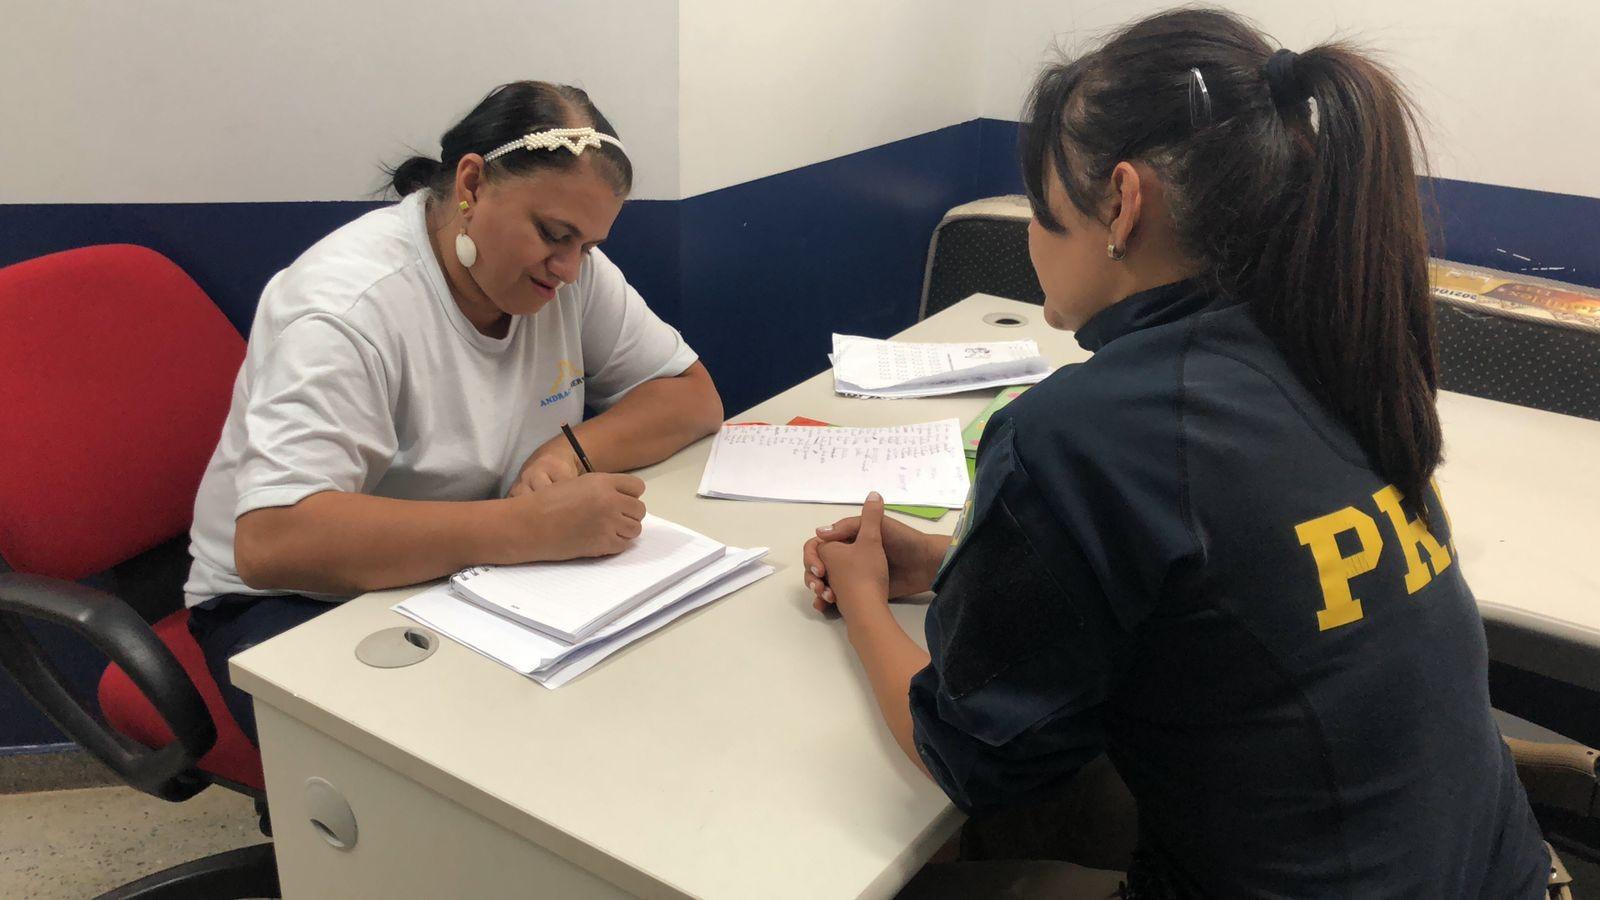 Trabalhadora aprende a ler e escrever aos 47 anos após ter aulas com colega de trabalho no DF